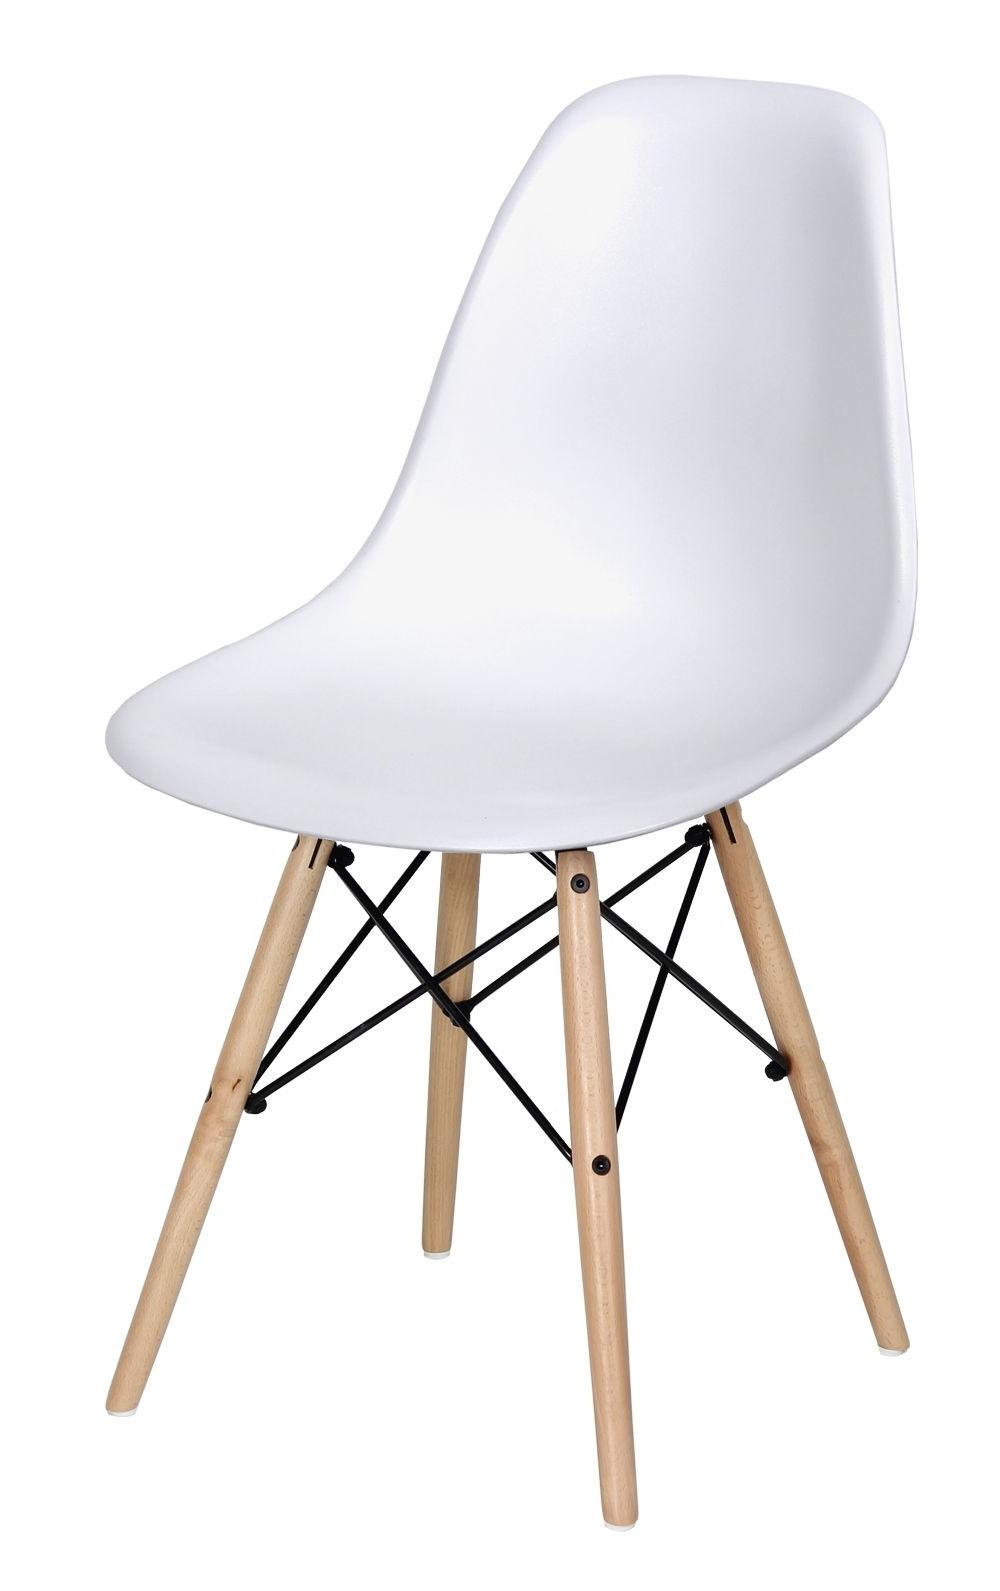 Famous Eames Chaises For Chaise Dsw 89€ Et Livraison Gratuite Sous 10 Jours (View 6 of 15)